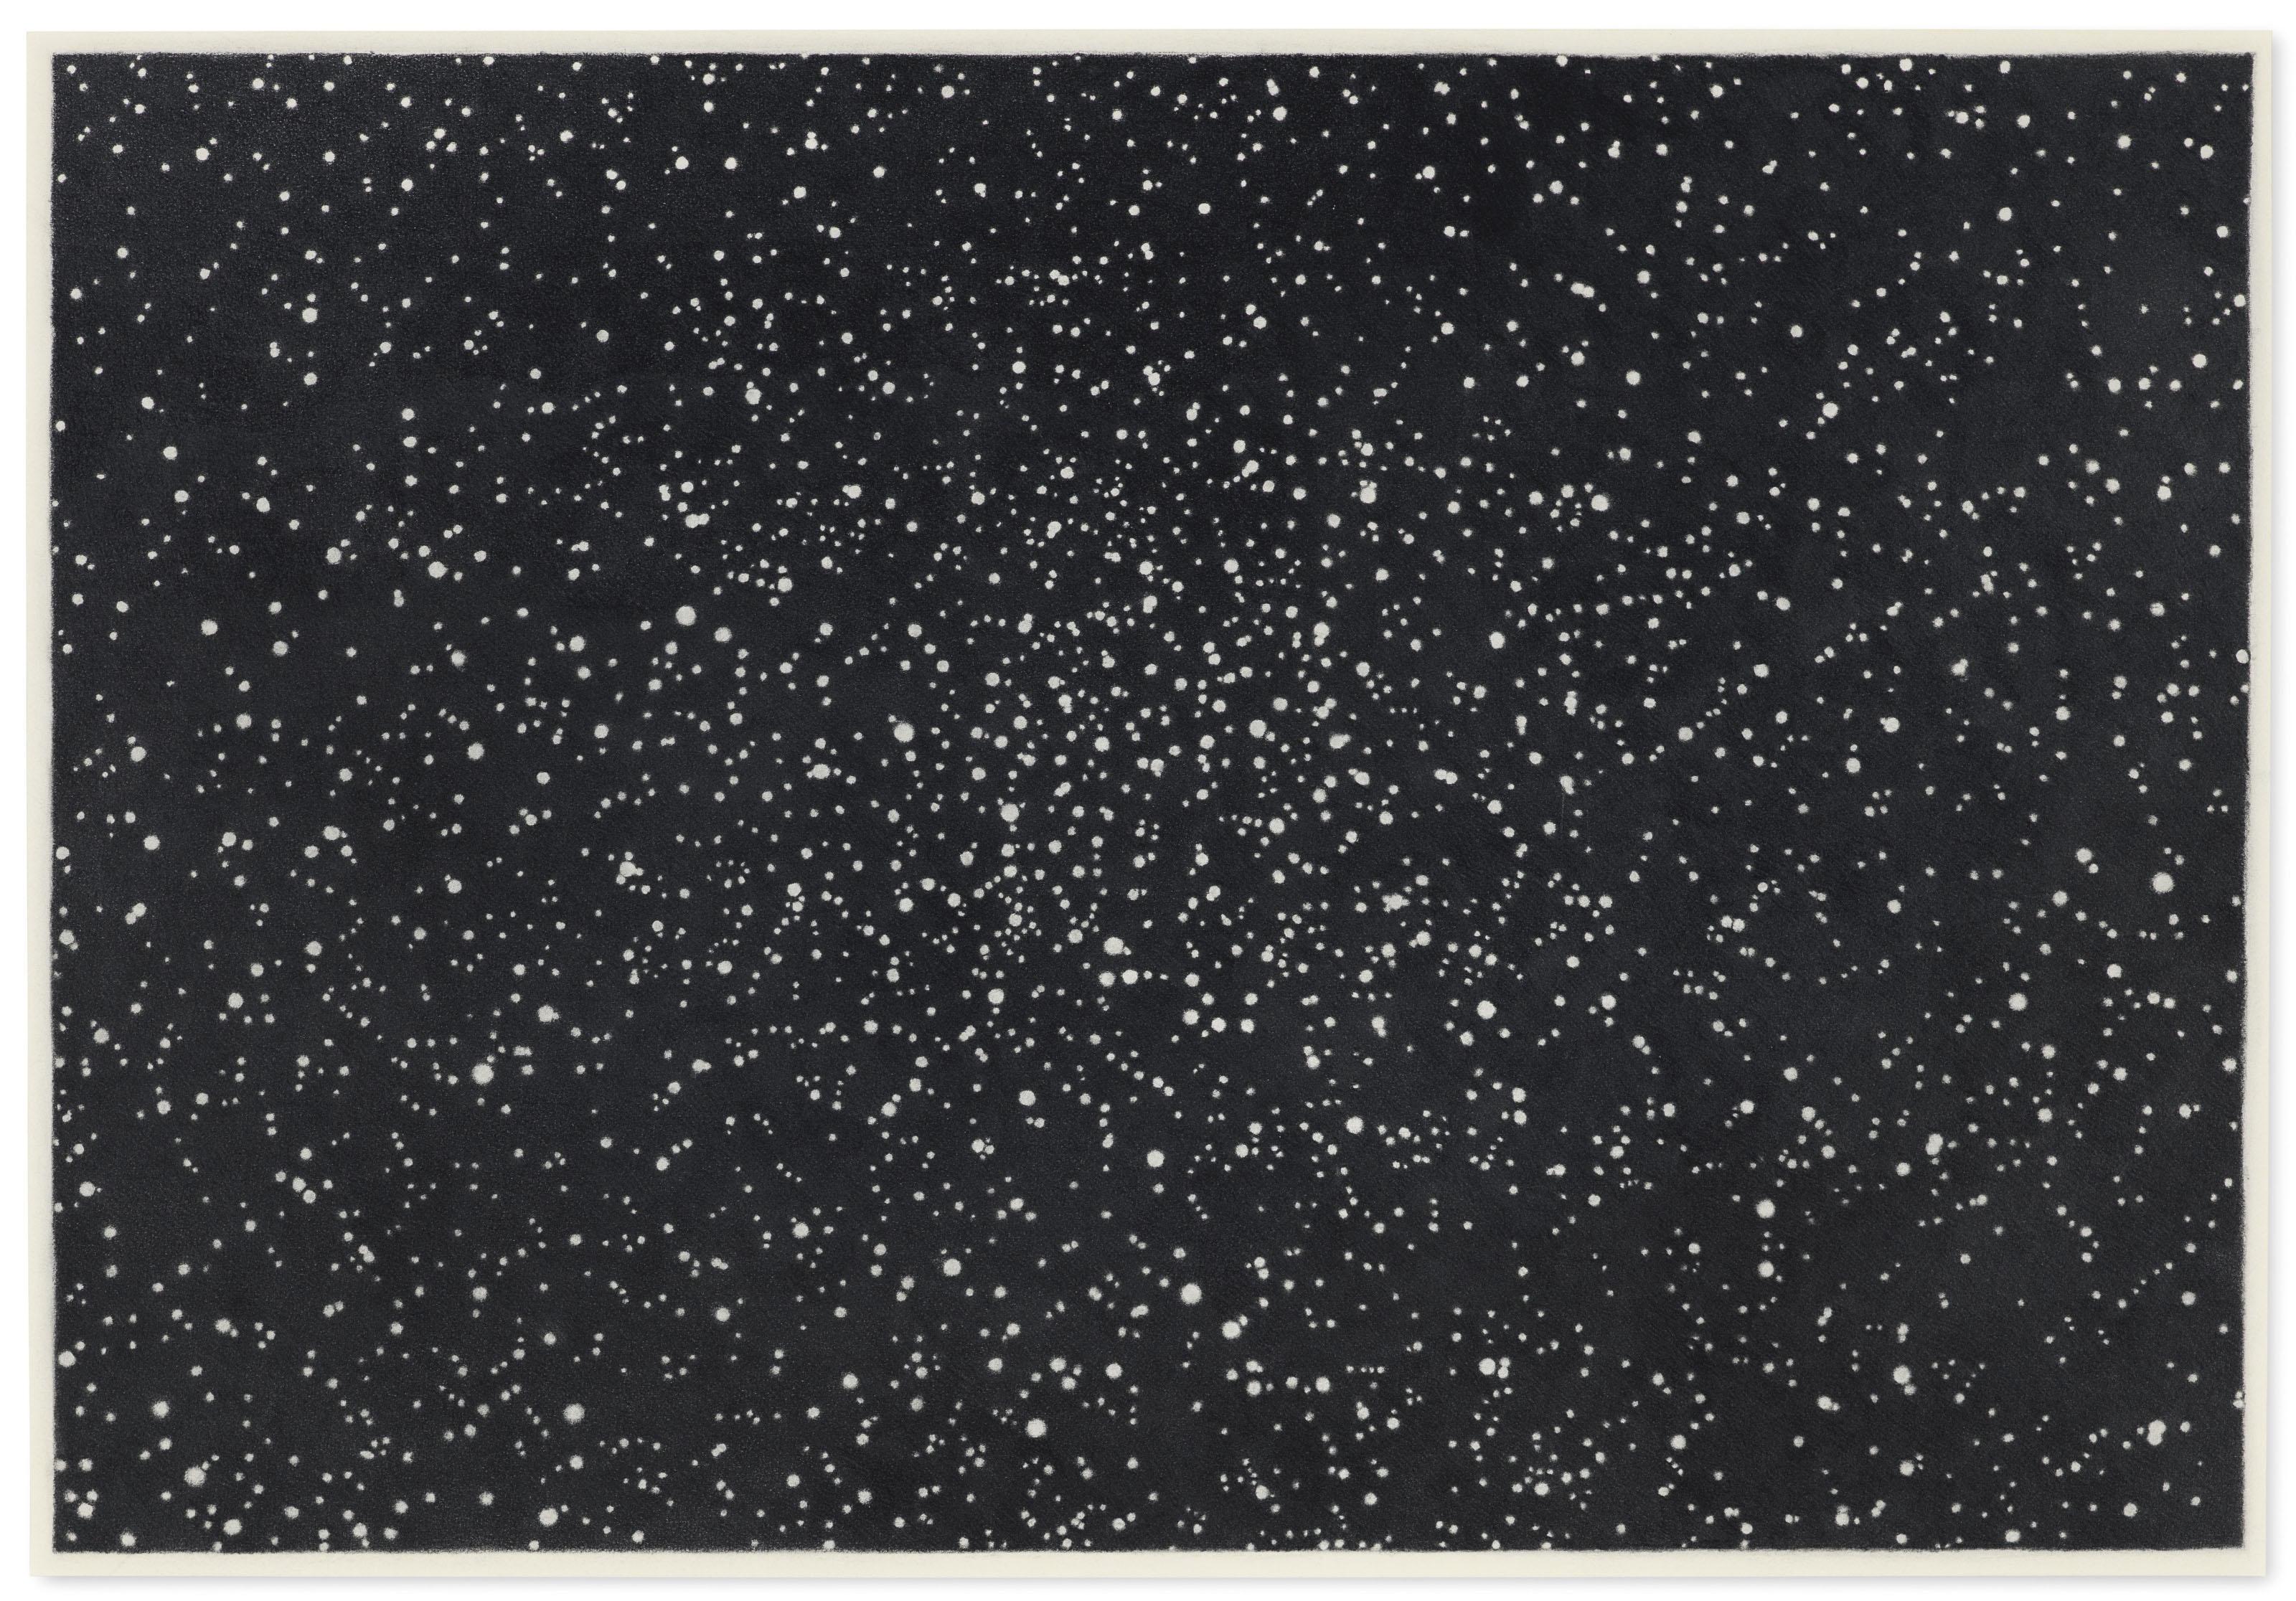 Star Field I